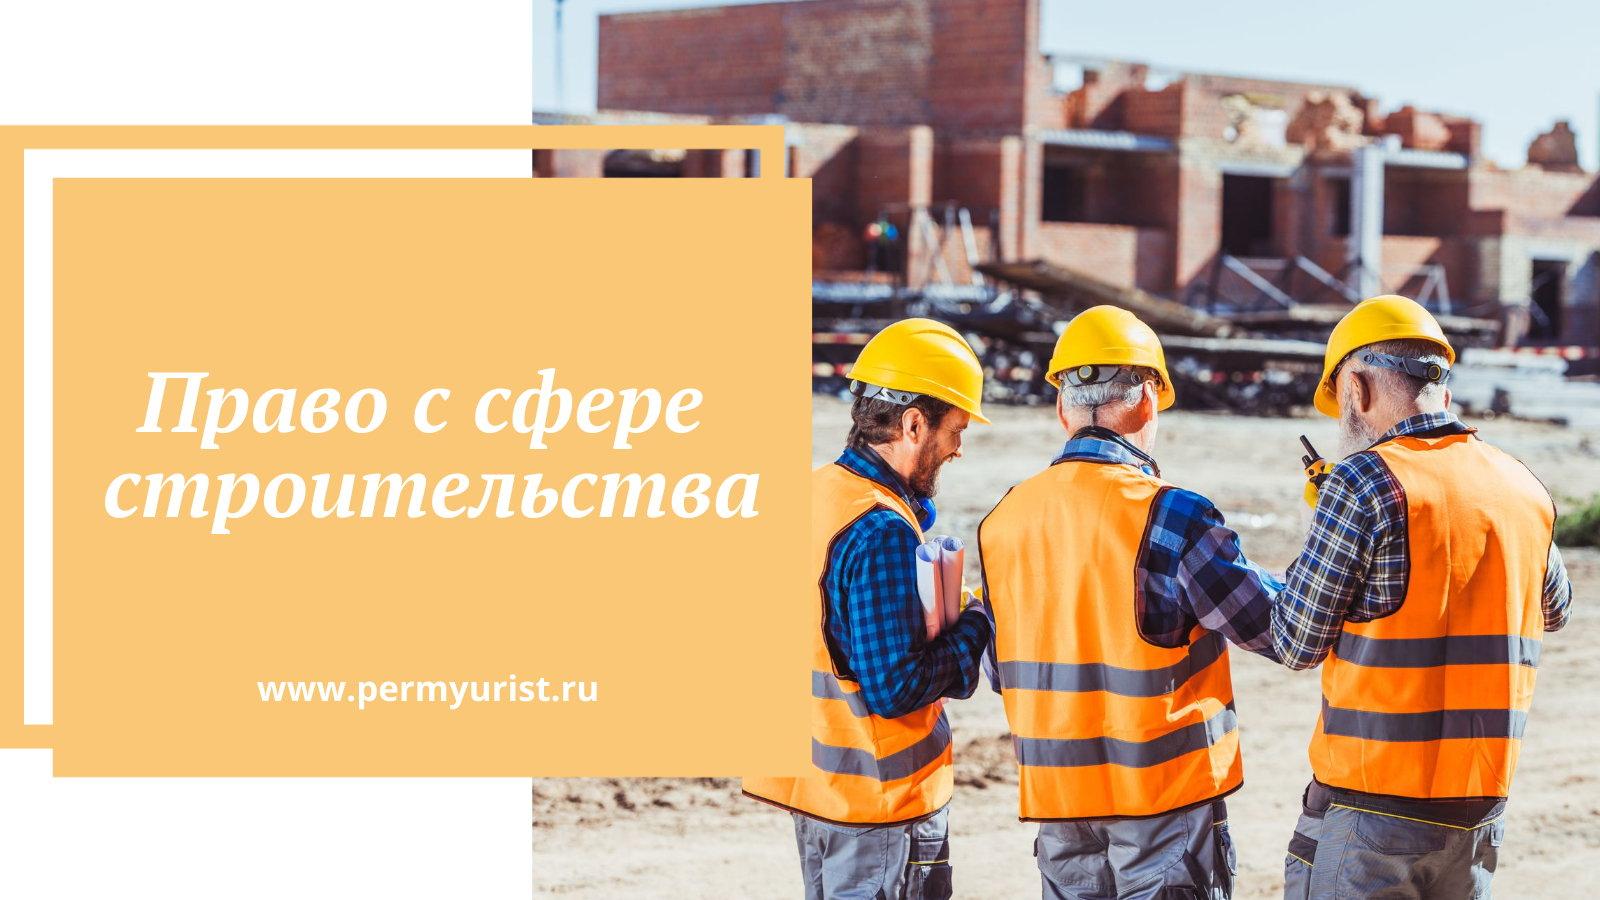 Помощь дольщикам,юрист по строительству от компании Юрис Пермь